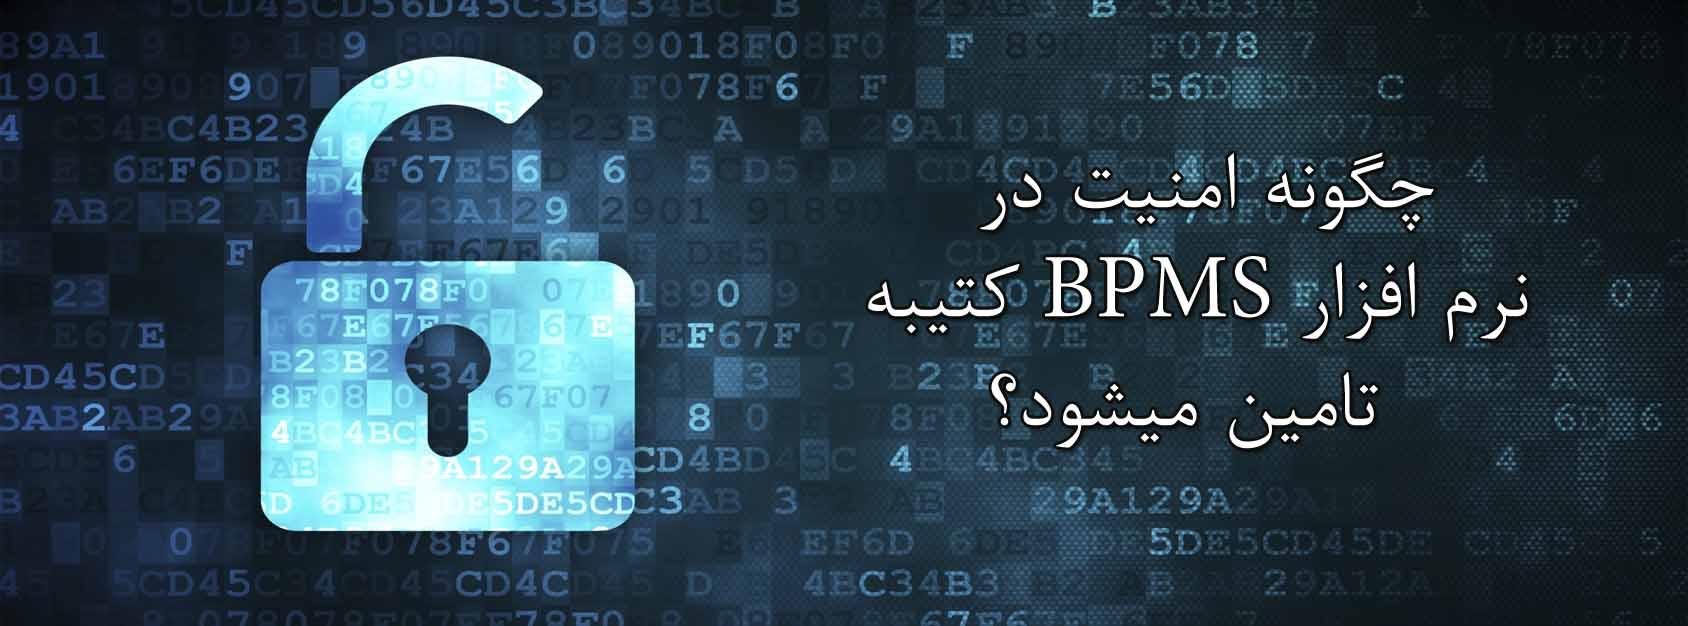 چگونگی امنیت نرم افزار BPMS کتیبه